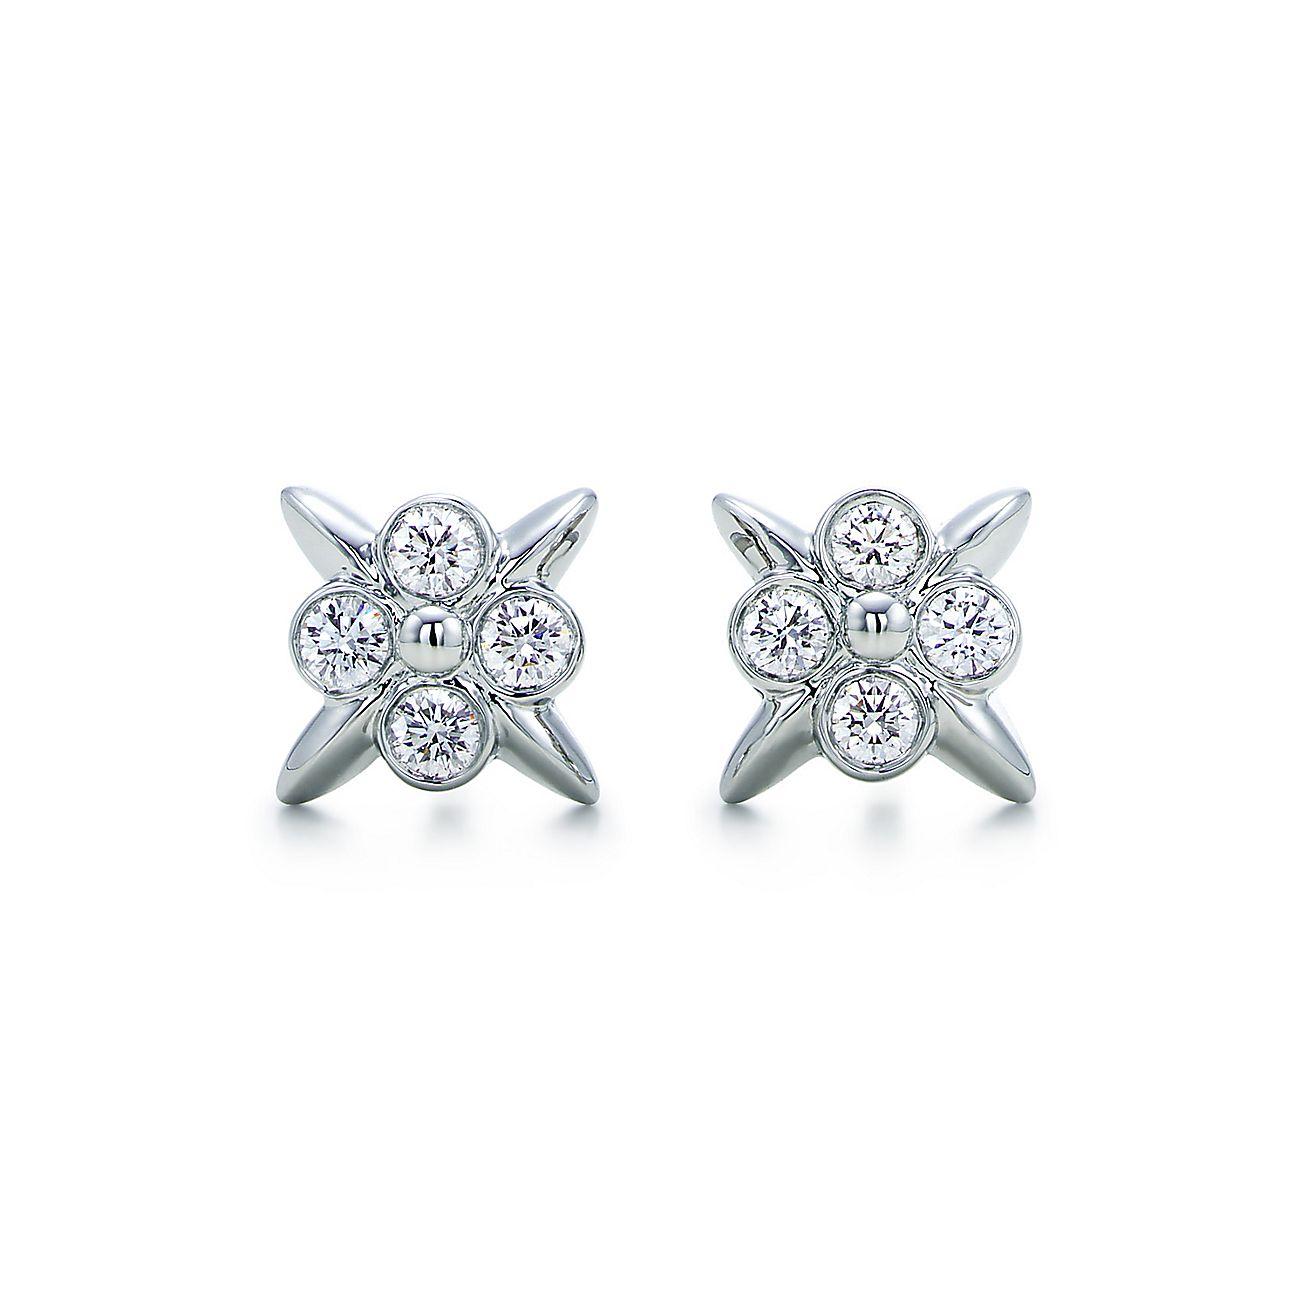 Tiffany Lace earrings